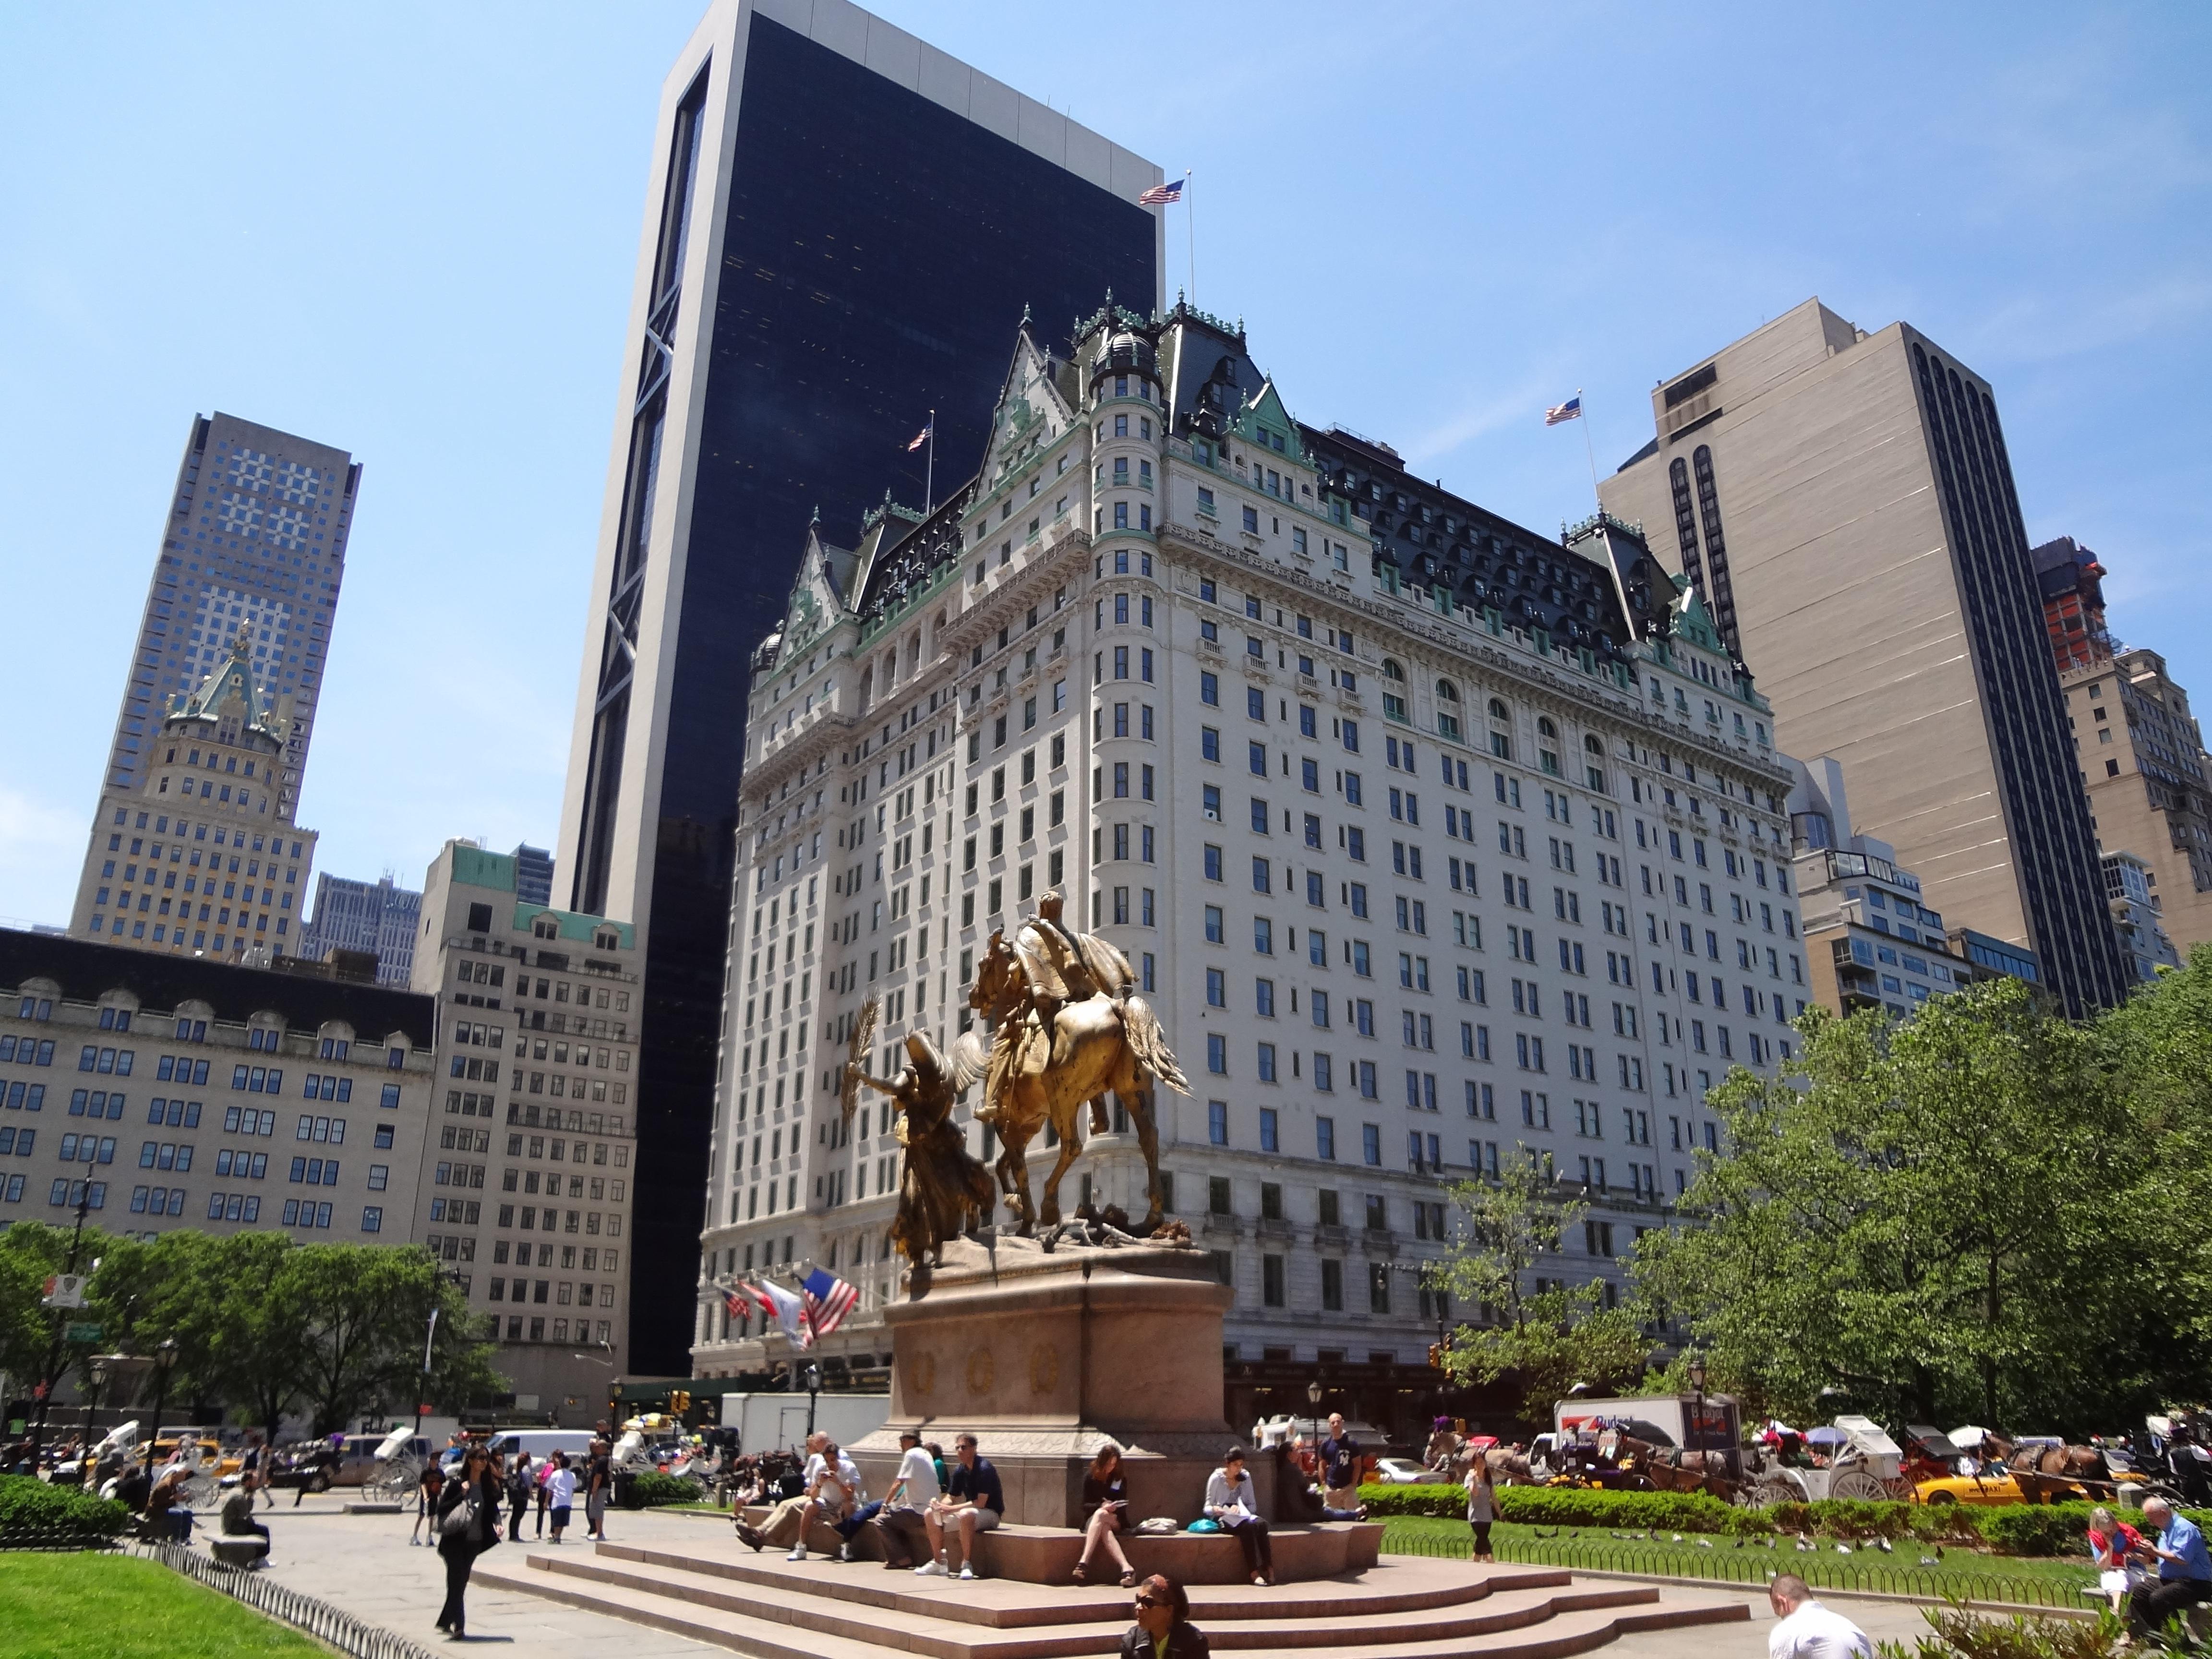 fotos gratis horizonte rascacielos nueva york manhattan monumento paisaje urbano centro de la ciudad torre punto de referencia turismo